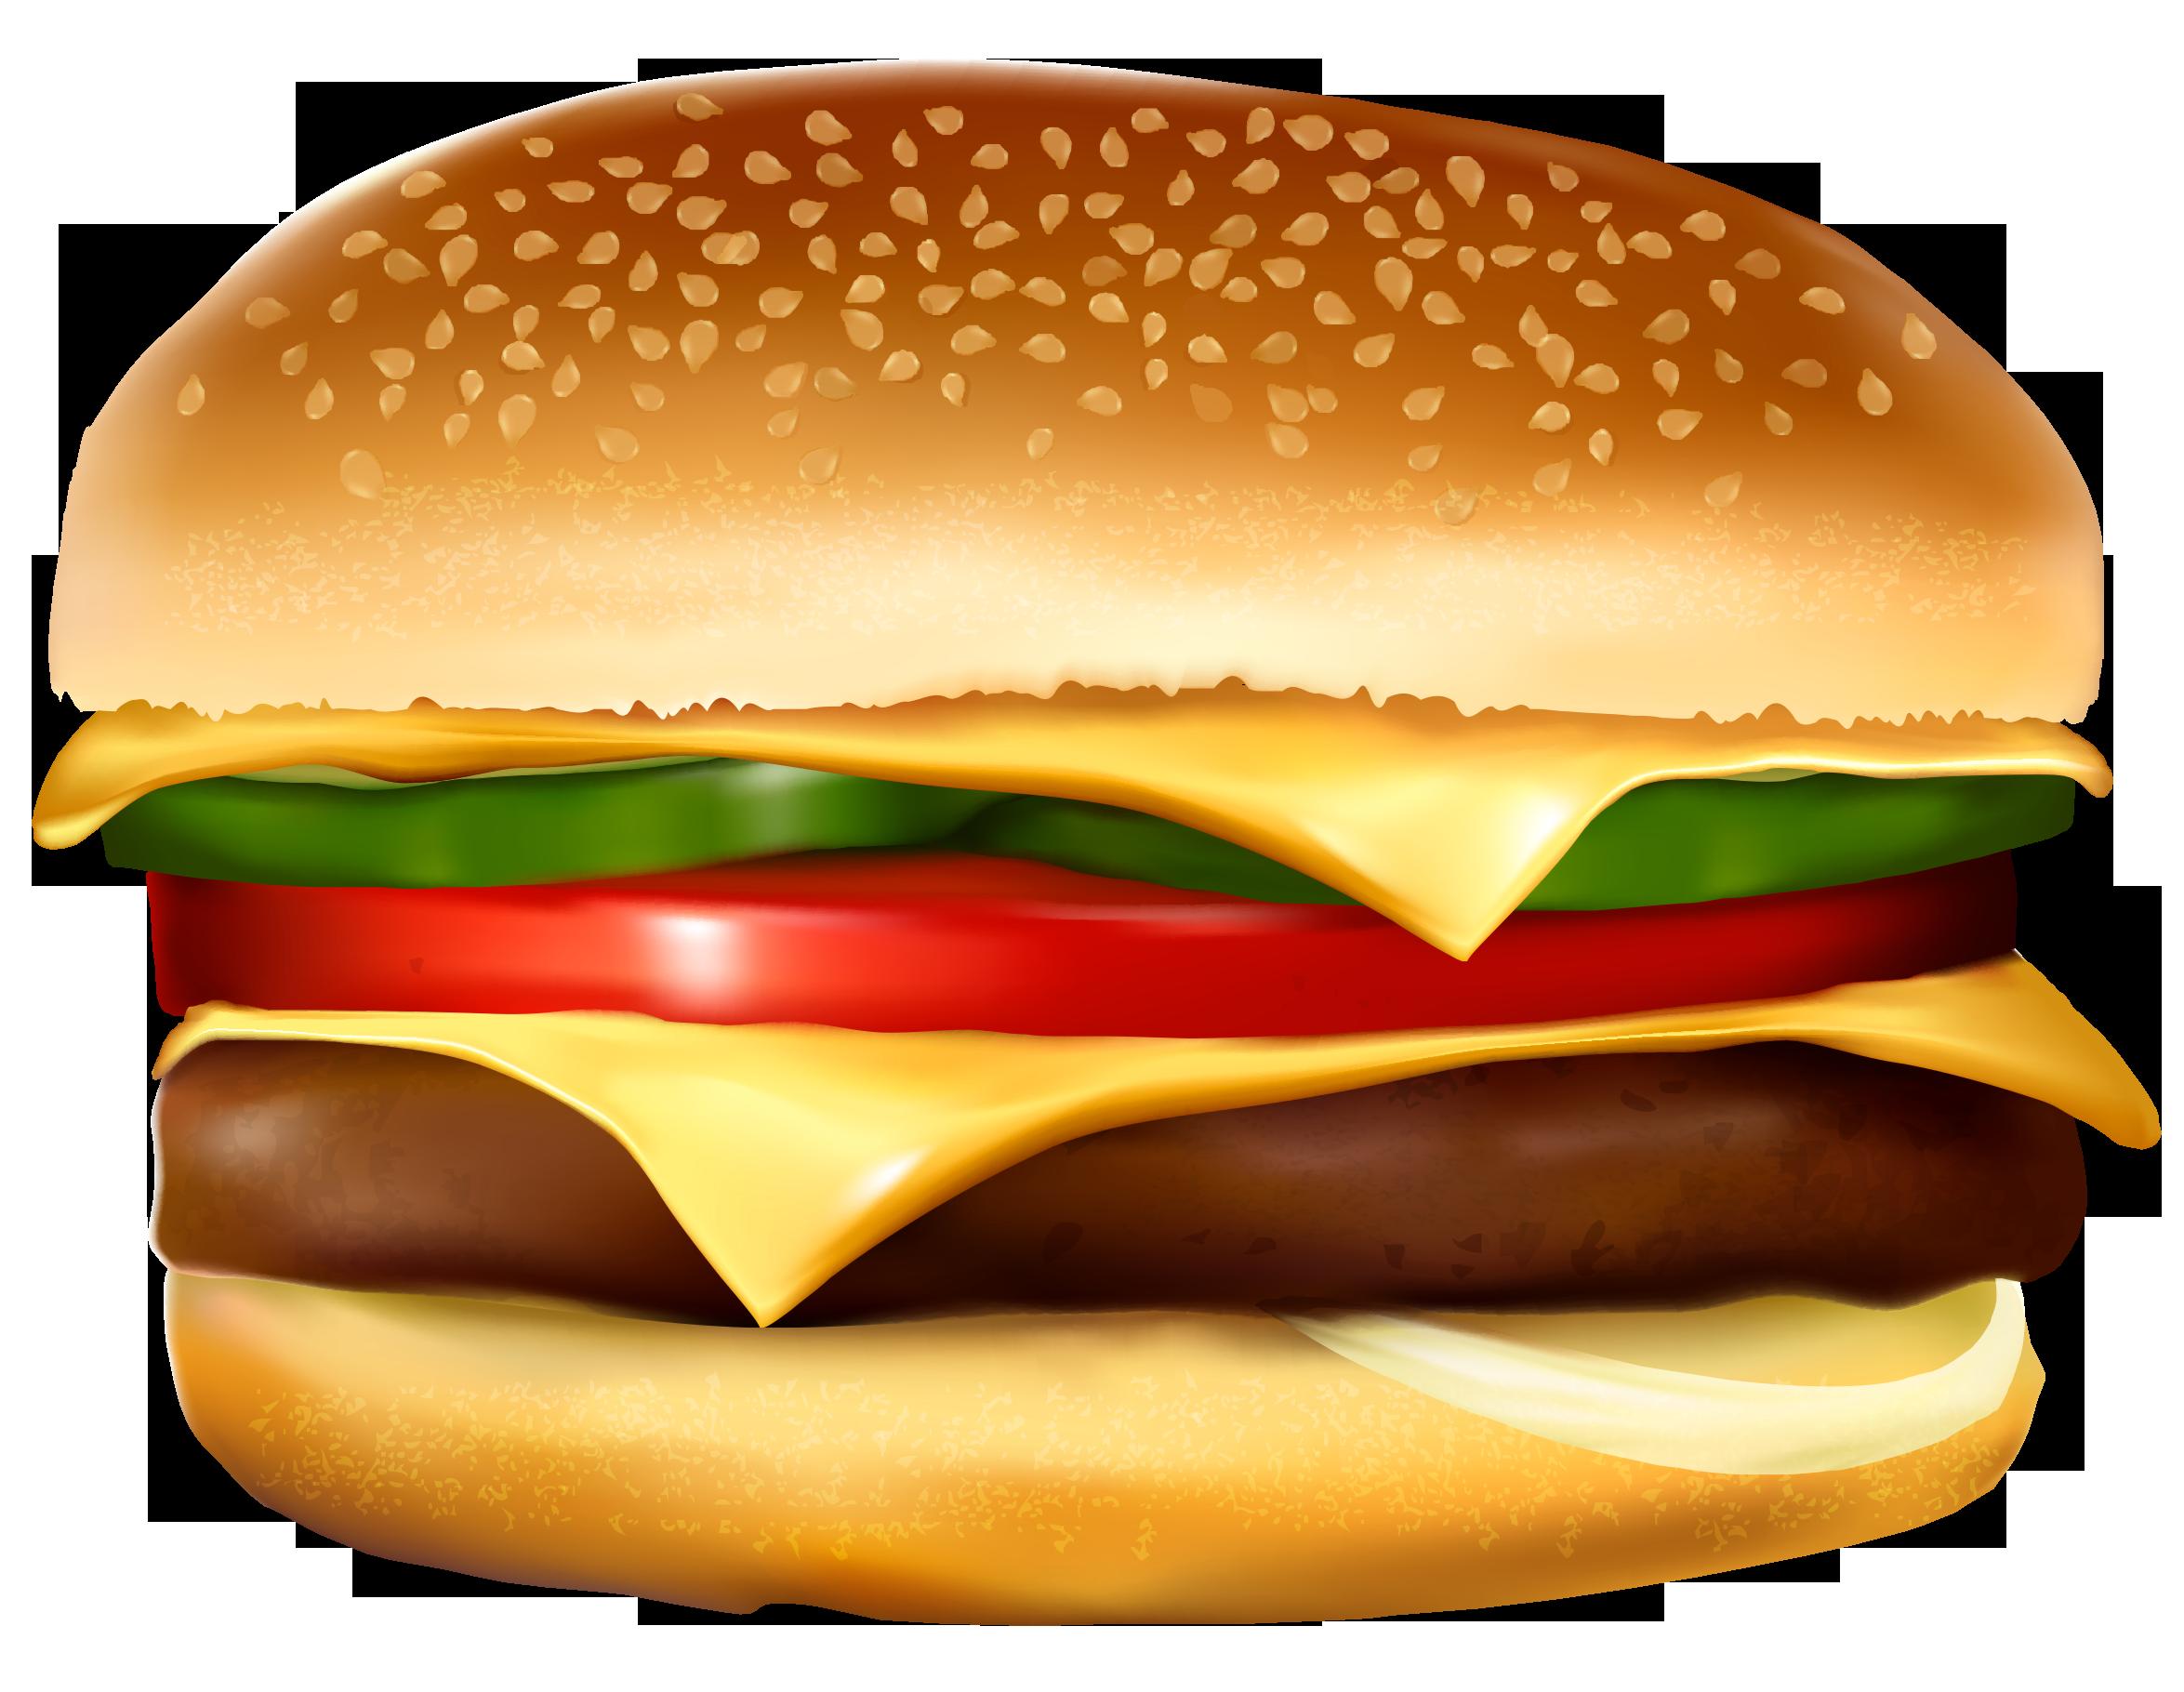 Emoji clipart burger. Hamburger transparent background pencil